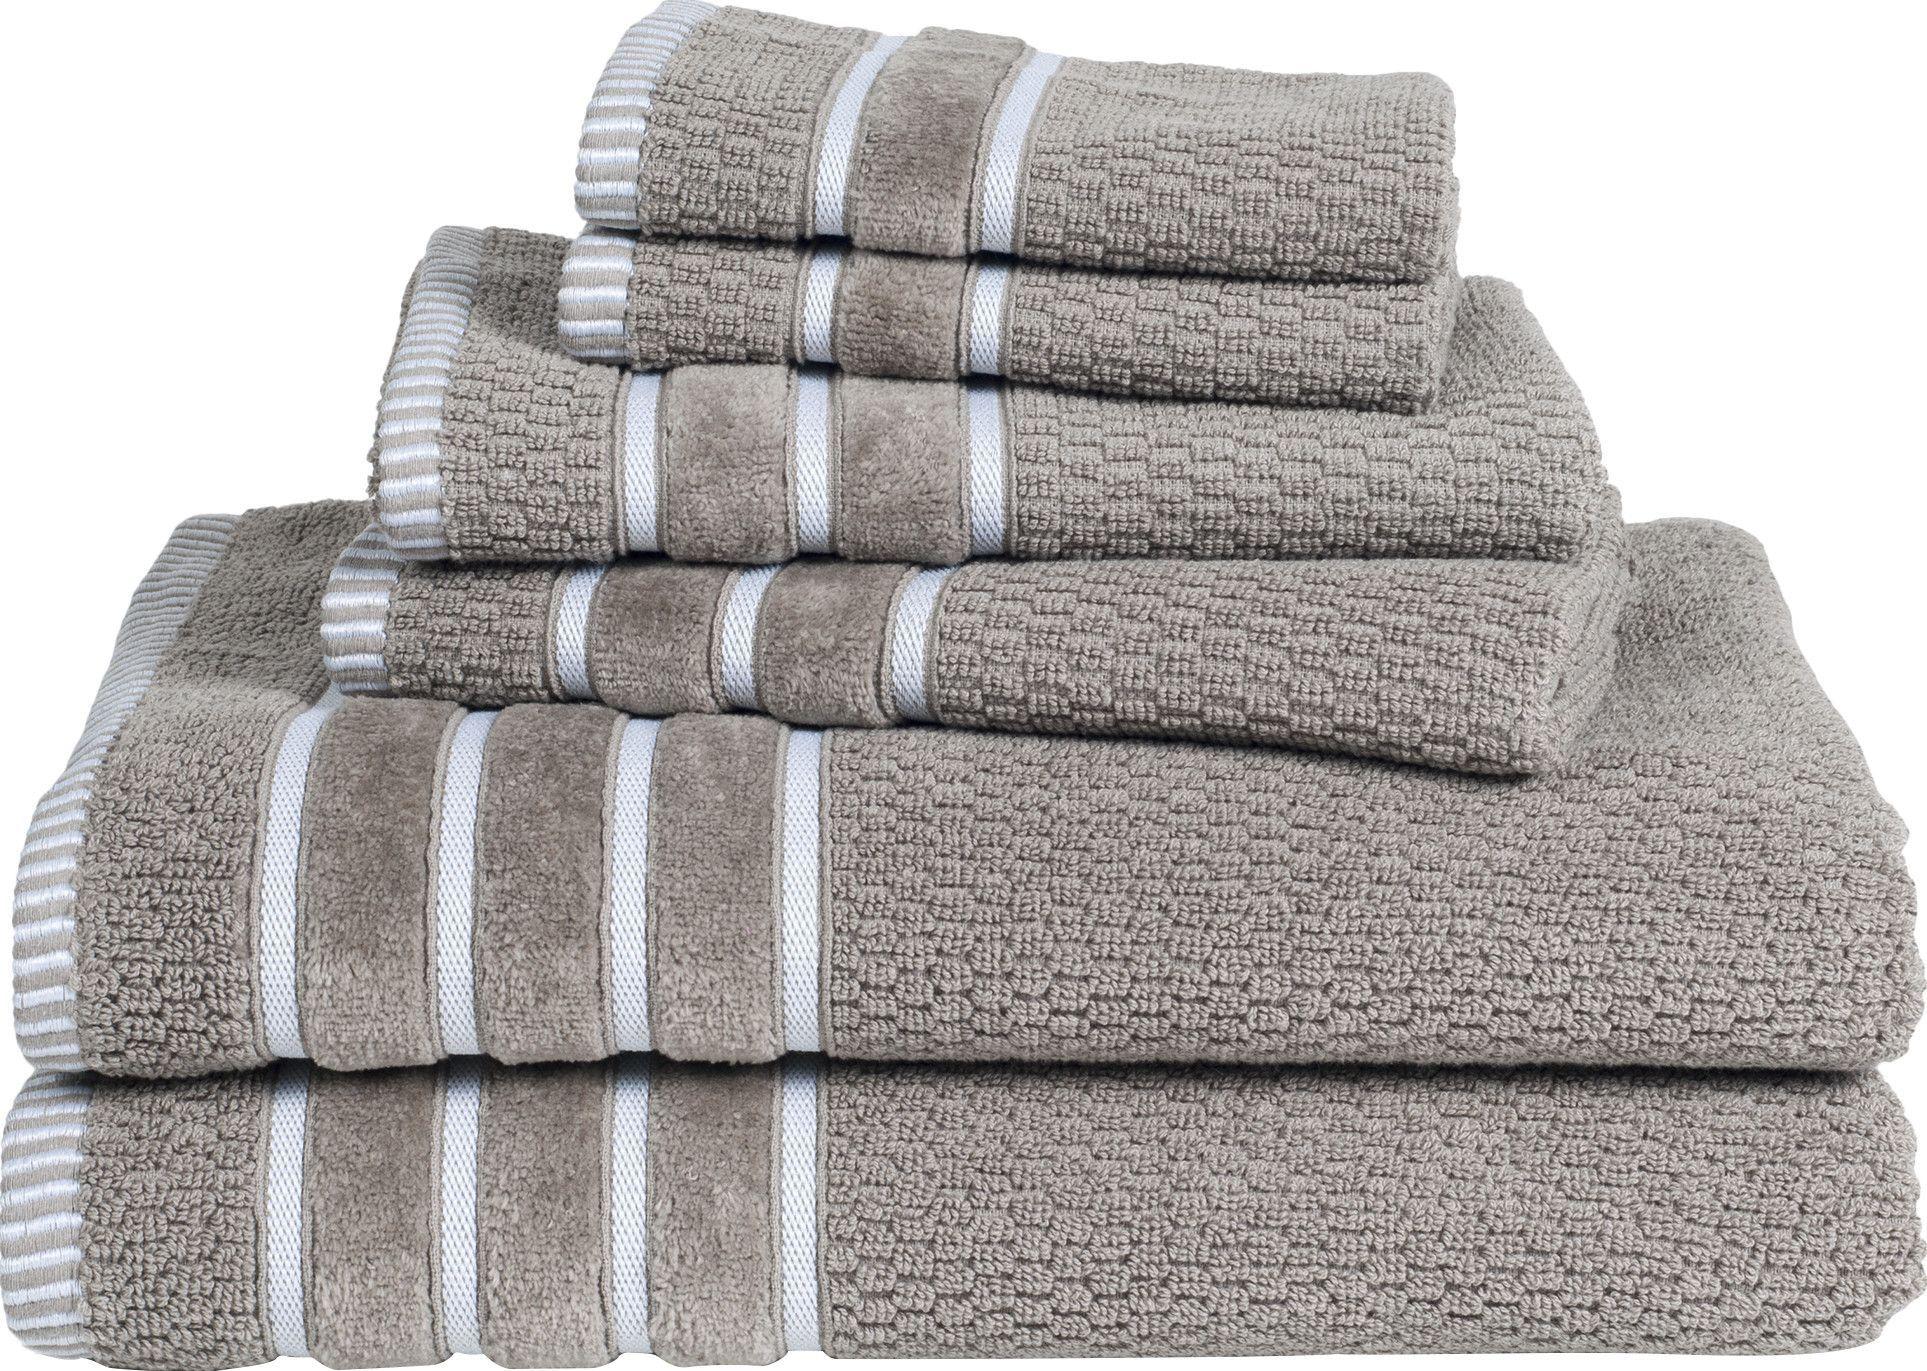 Badezimmer Handtücher ~ Die besten handtücher aus ägyptischer baumwolle ideen auf